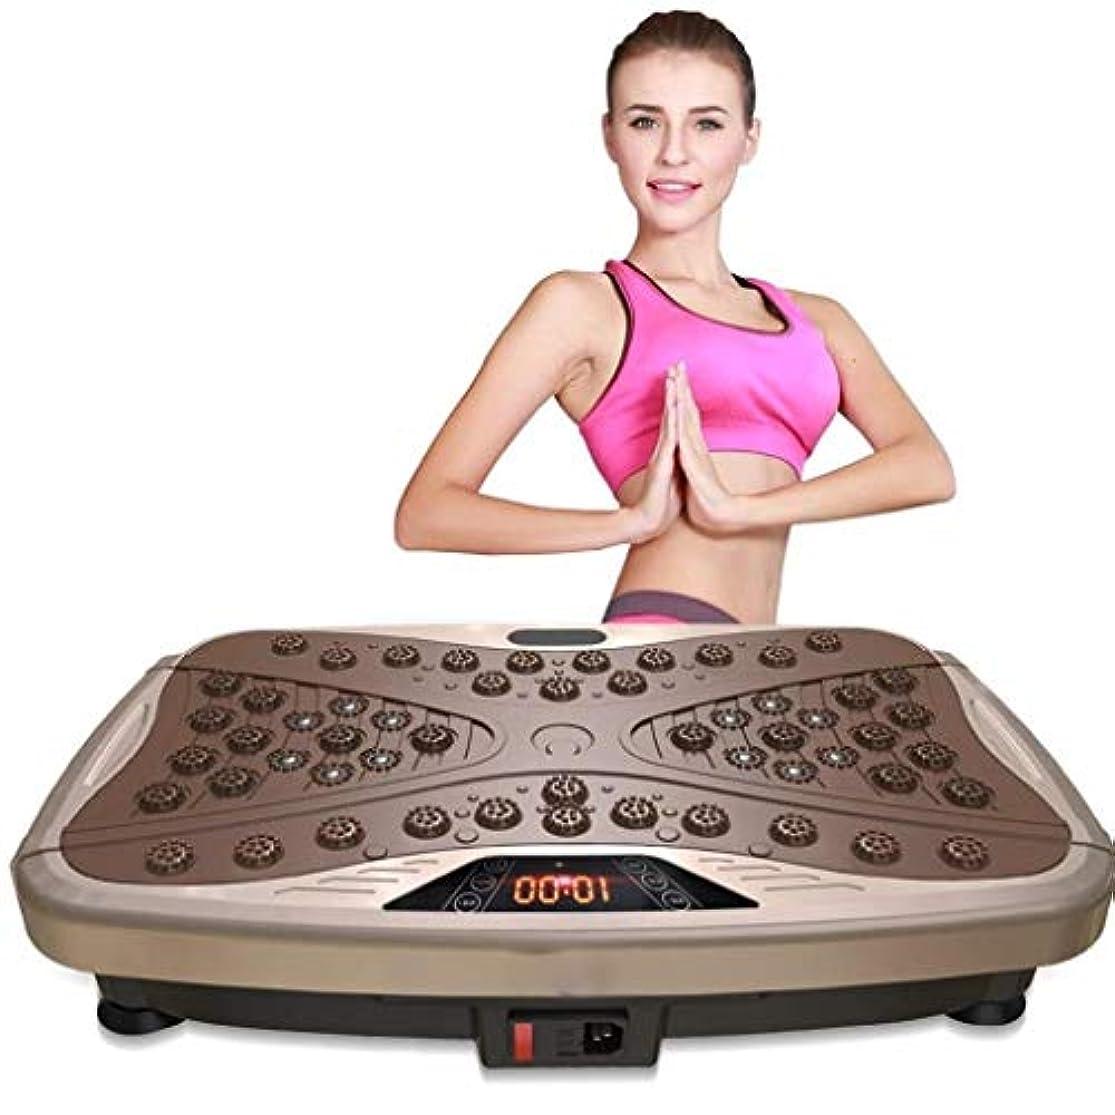 プラカードプレミア著名な減量マシン、ジム/ホームフィットネス全身振動トレーナー、ジムホームオフィスの振動で余分な脂肪を減らす